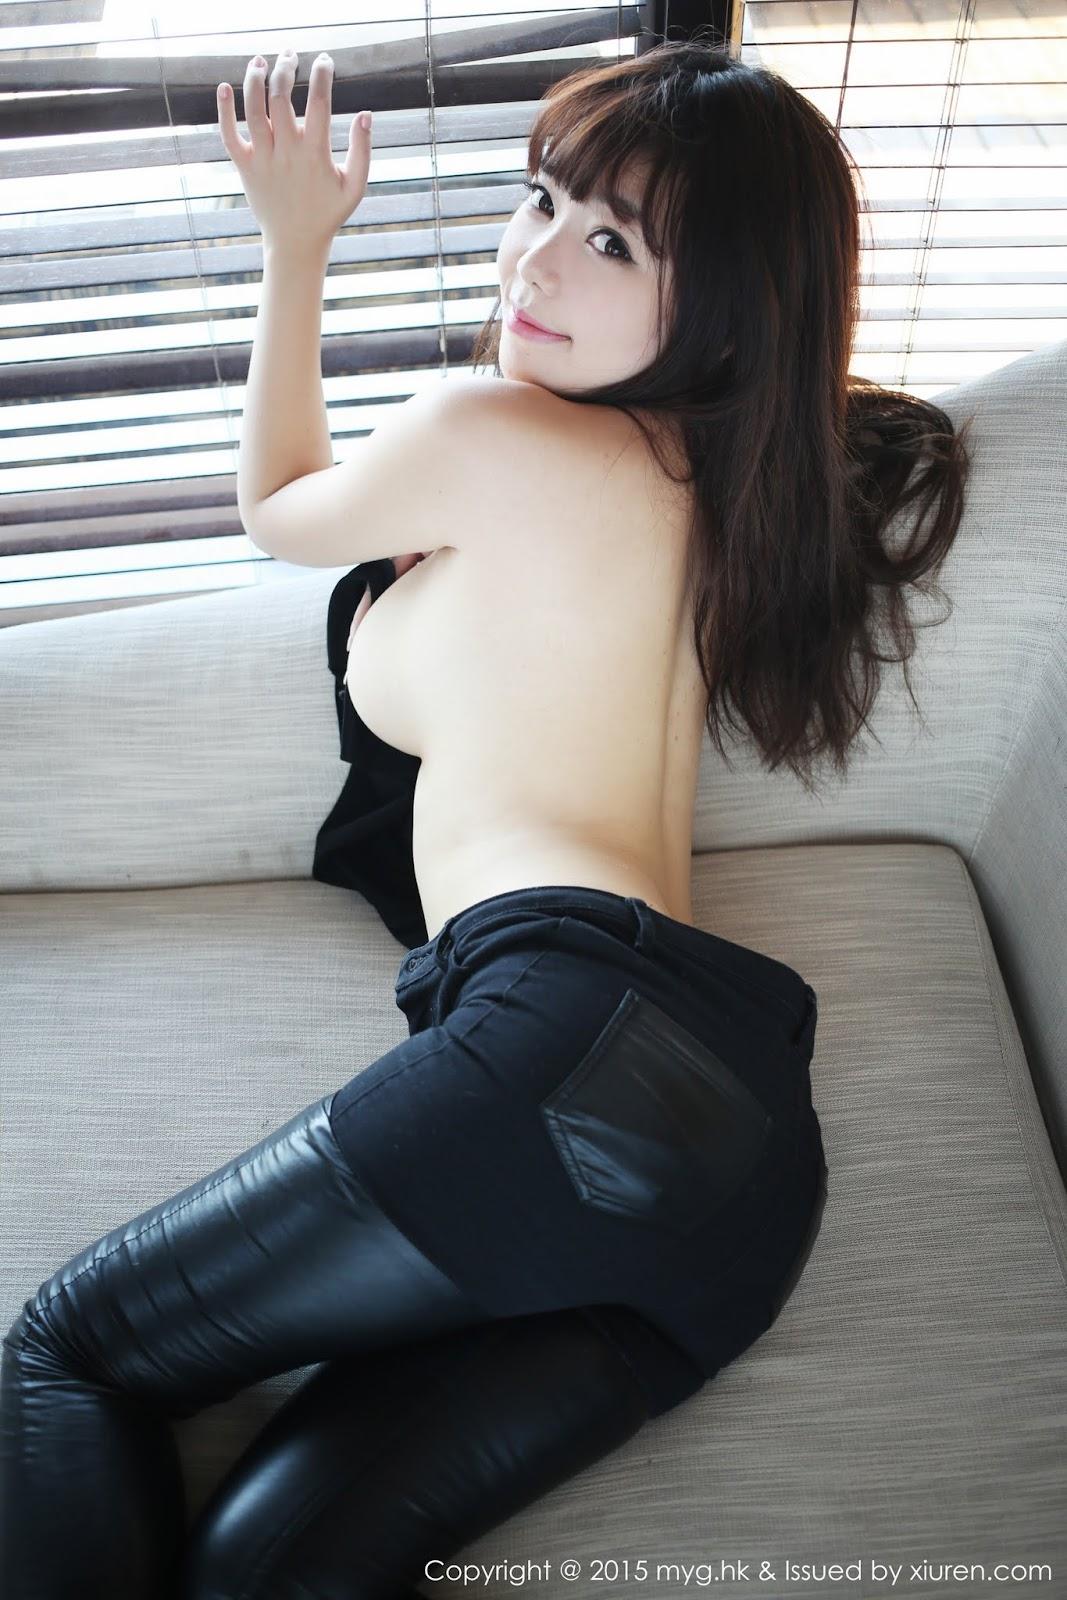 0068 - Hot MYGIRL VOL.109 FAYE Sexy